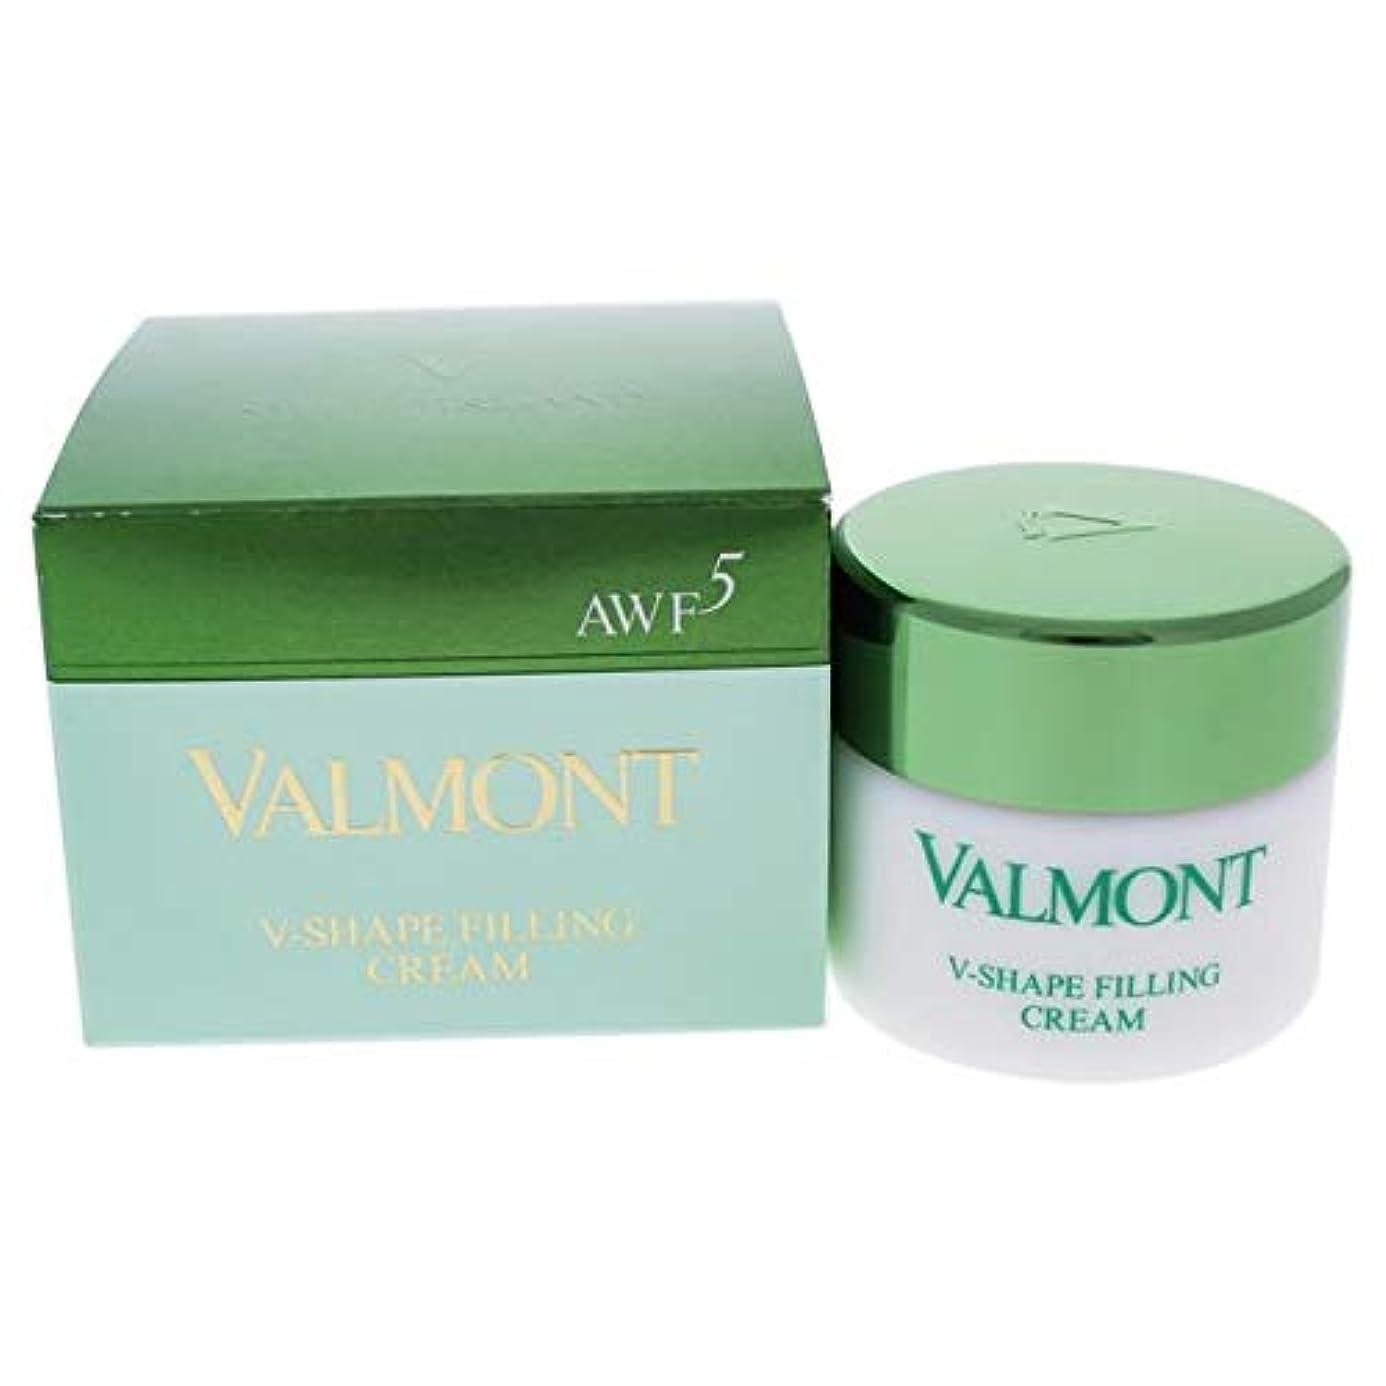 の間で雇用領域ヴァルモン AWF5 V-Shape Filling Cream 50ml/1.7oz並行輸入品